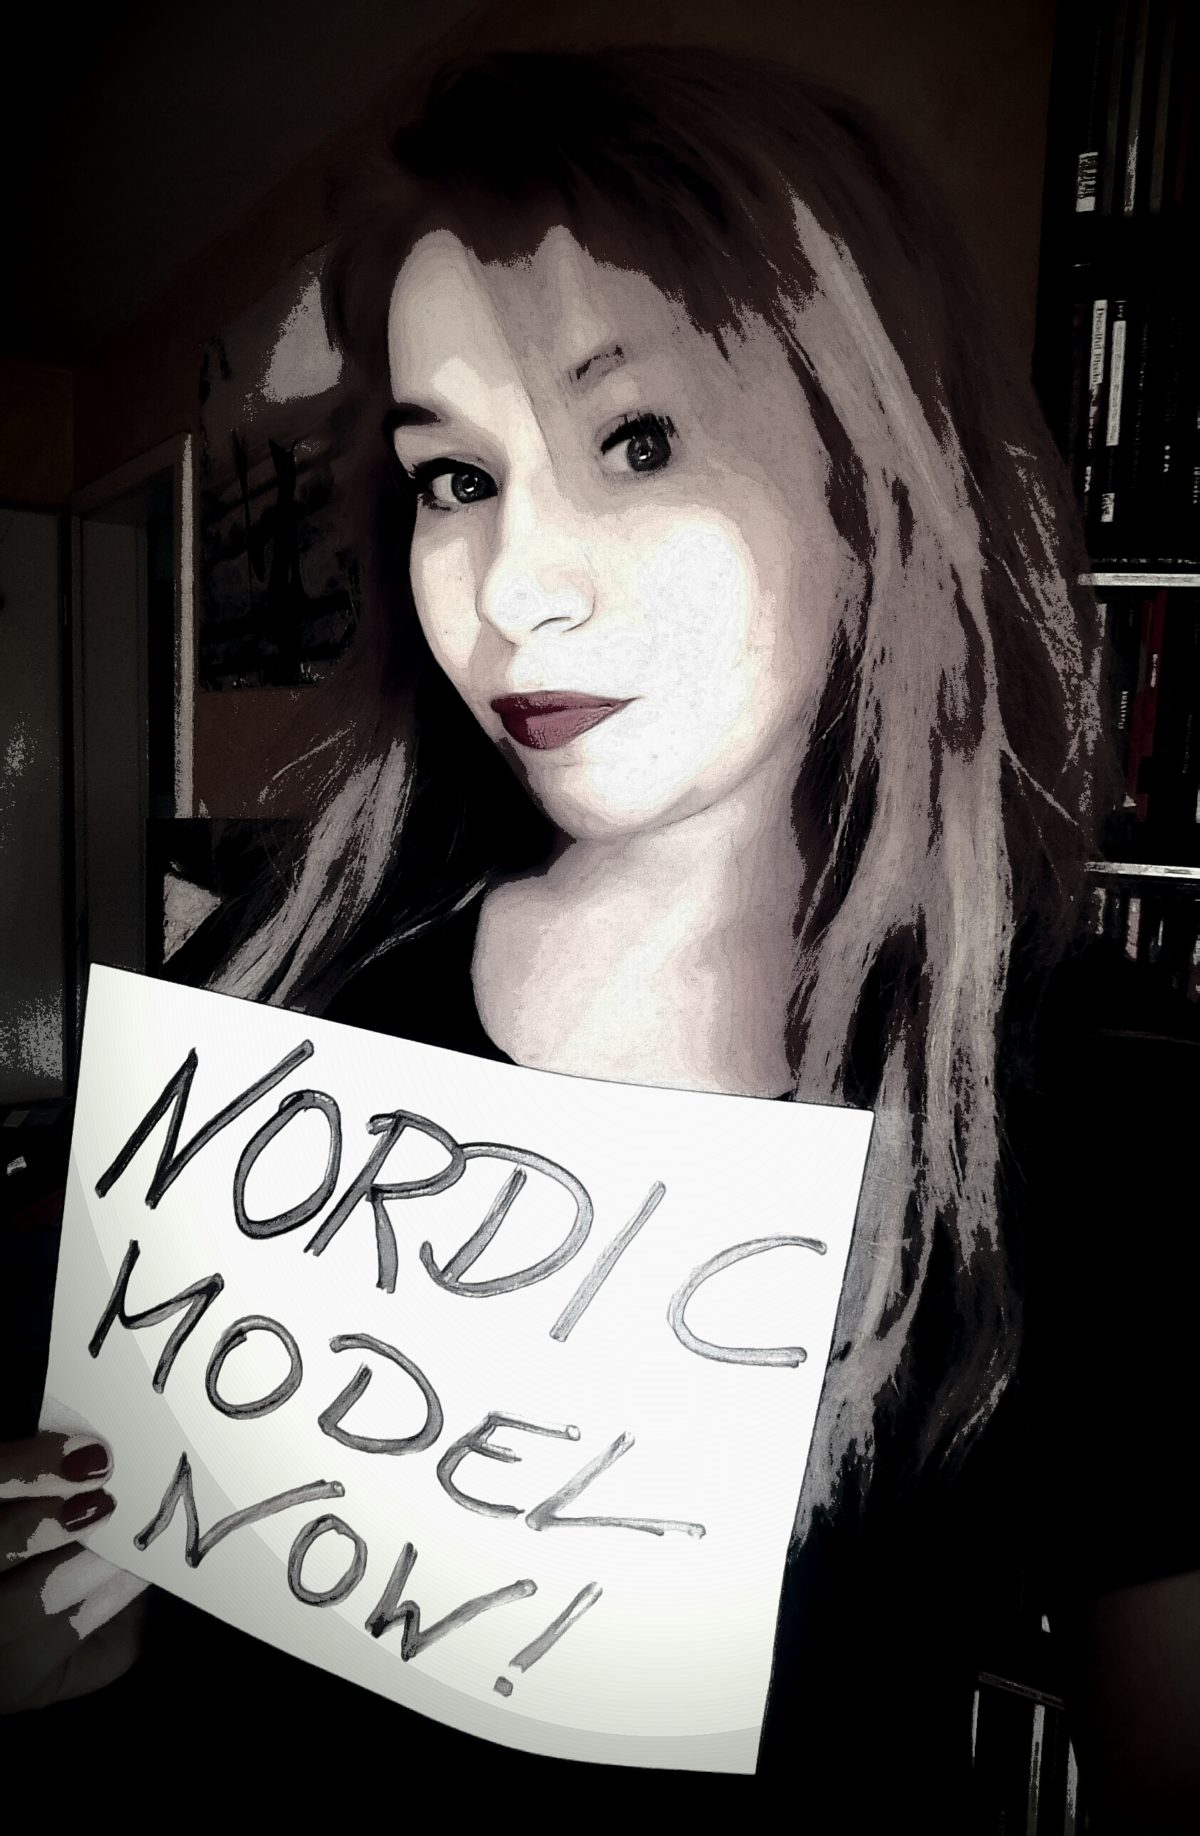 Legalisierung, Prostitutionsverbot, Entkriminalisierung, Nordisches Modell –  wie gesetzgeberisch umgehen mit Prostitution?